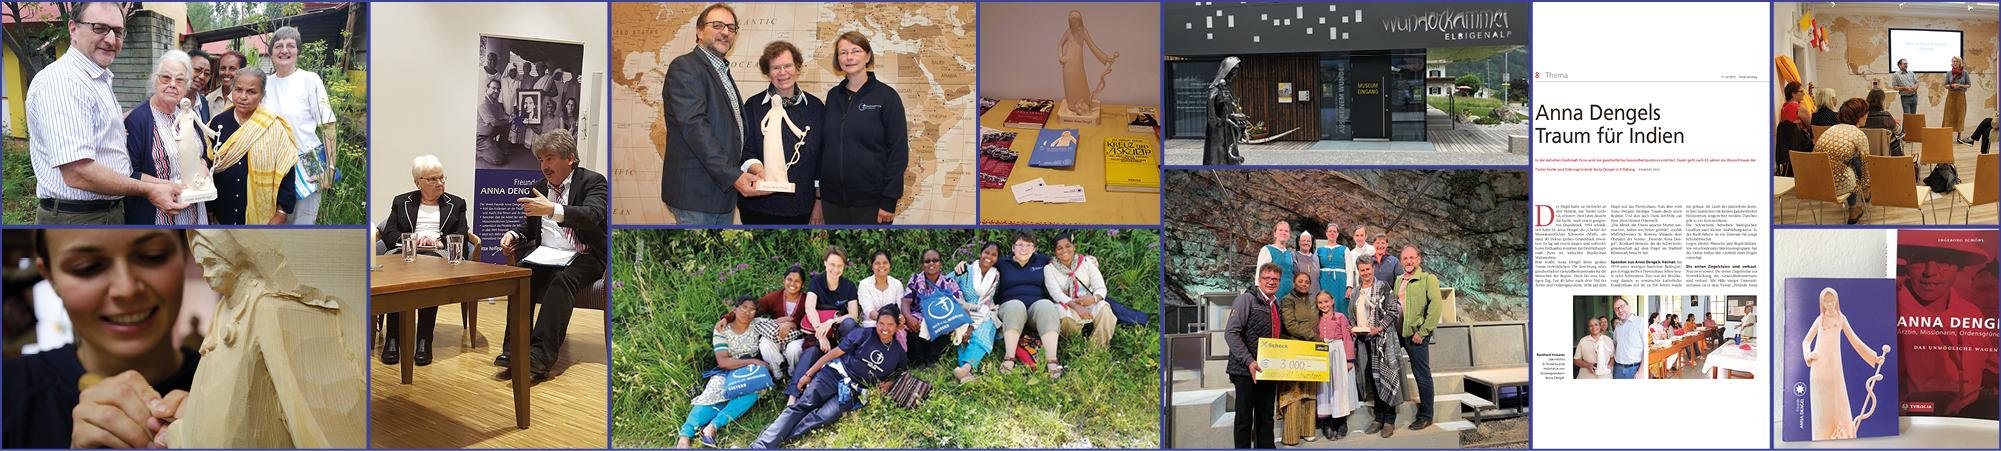 Verein Freunde Anna Dengel Collage von Bildern der Aktivitäten